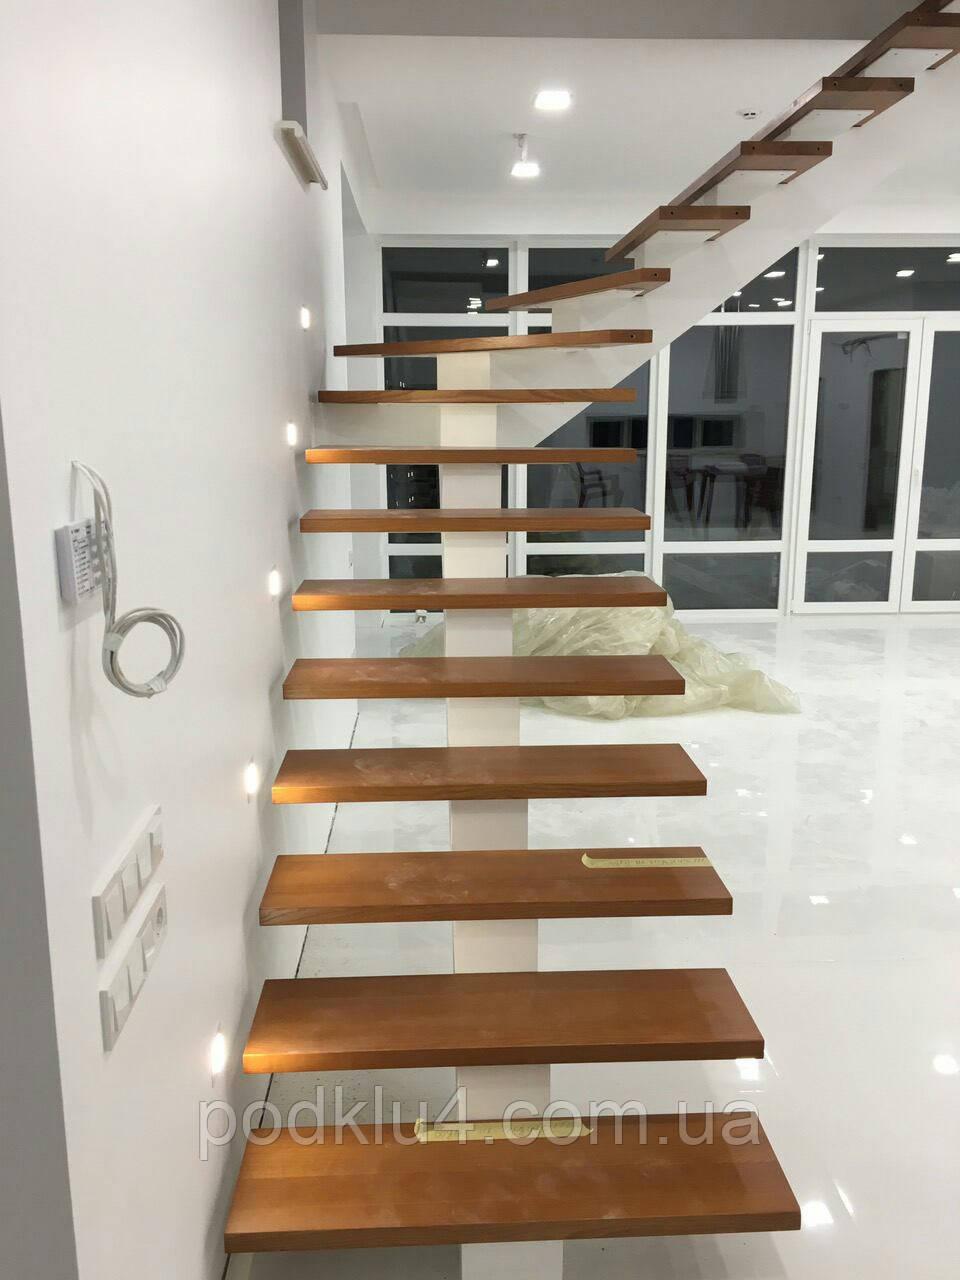 Лестницы на прямом косоуре обшитые деревом